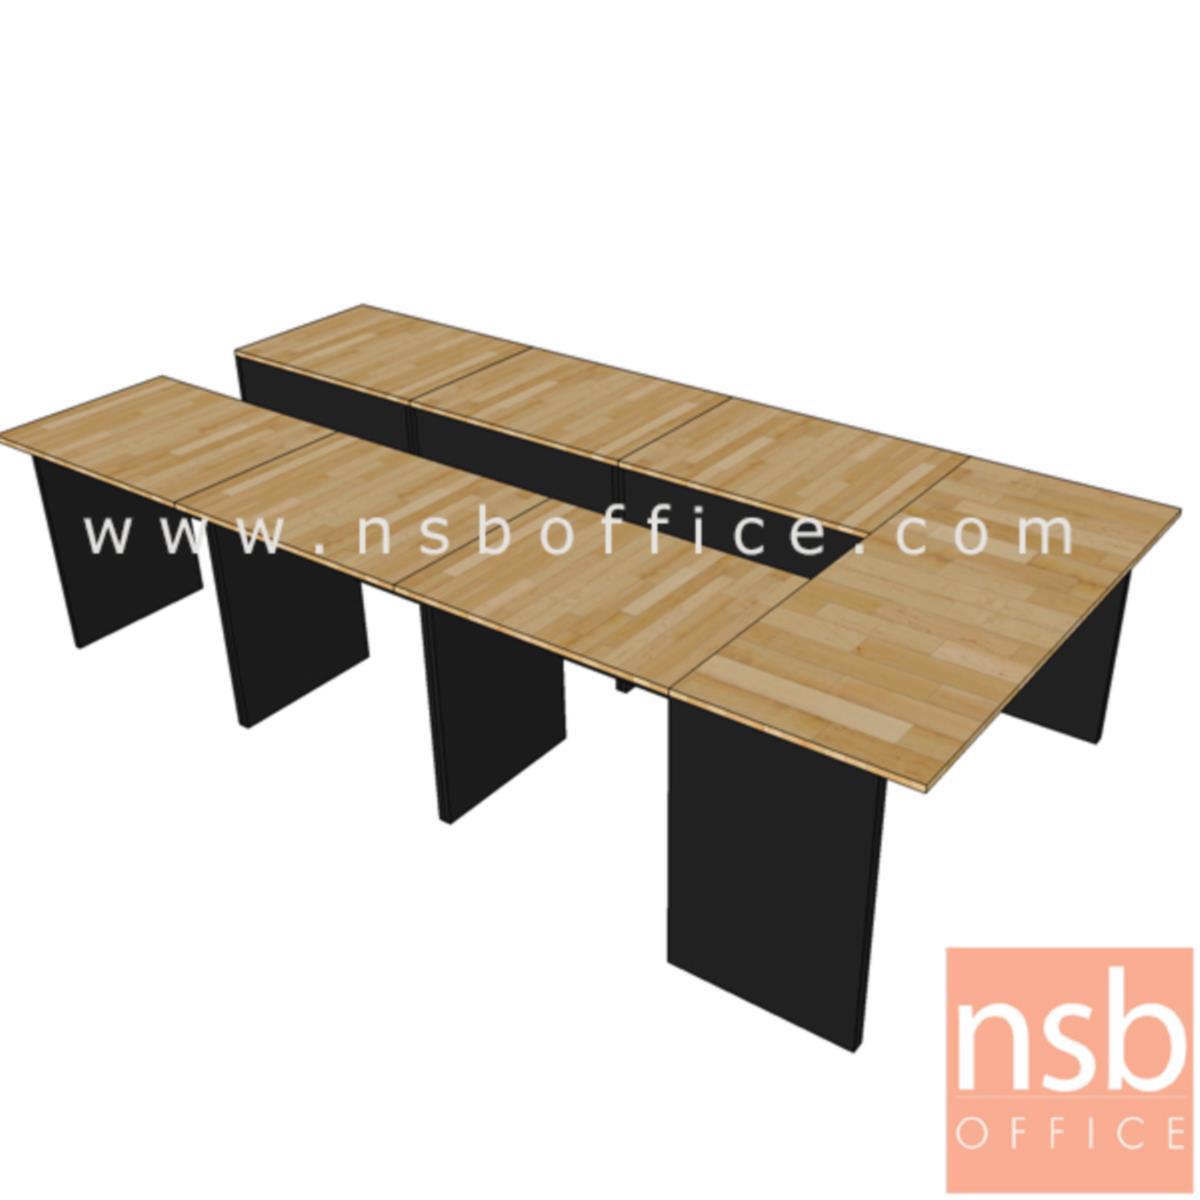 โต๊ะประชุมหน้าตรง 60D cm.  ขนาด 80W ,120W ,150W ,180W ,210W cm. เมลามีน